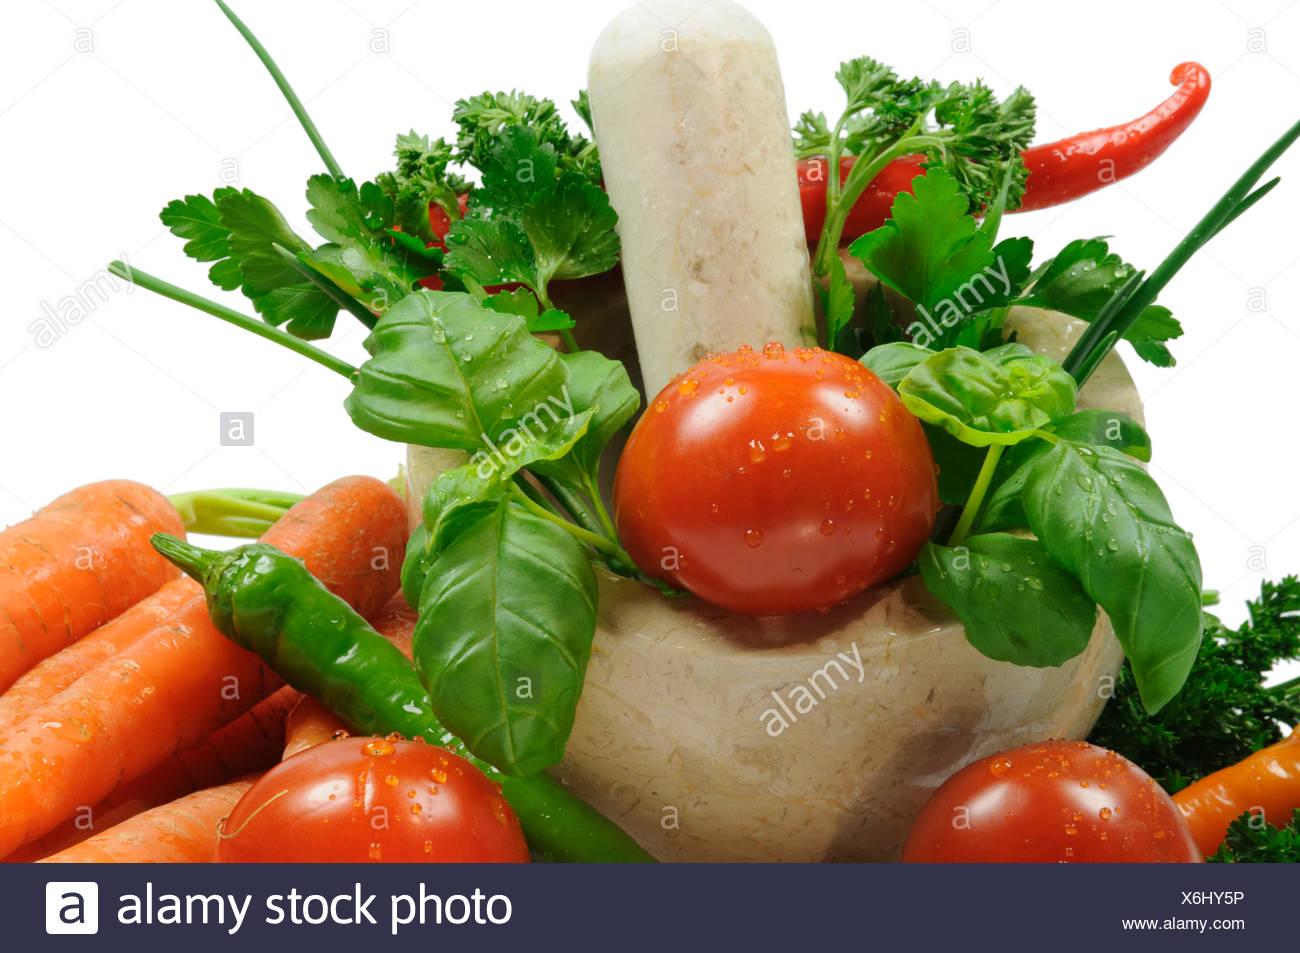 orange, pepper, leaf, spice, garden, stone, flower, plant, leaves, hot, fruit, Stock Photo